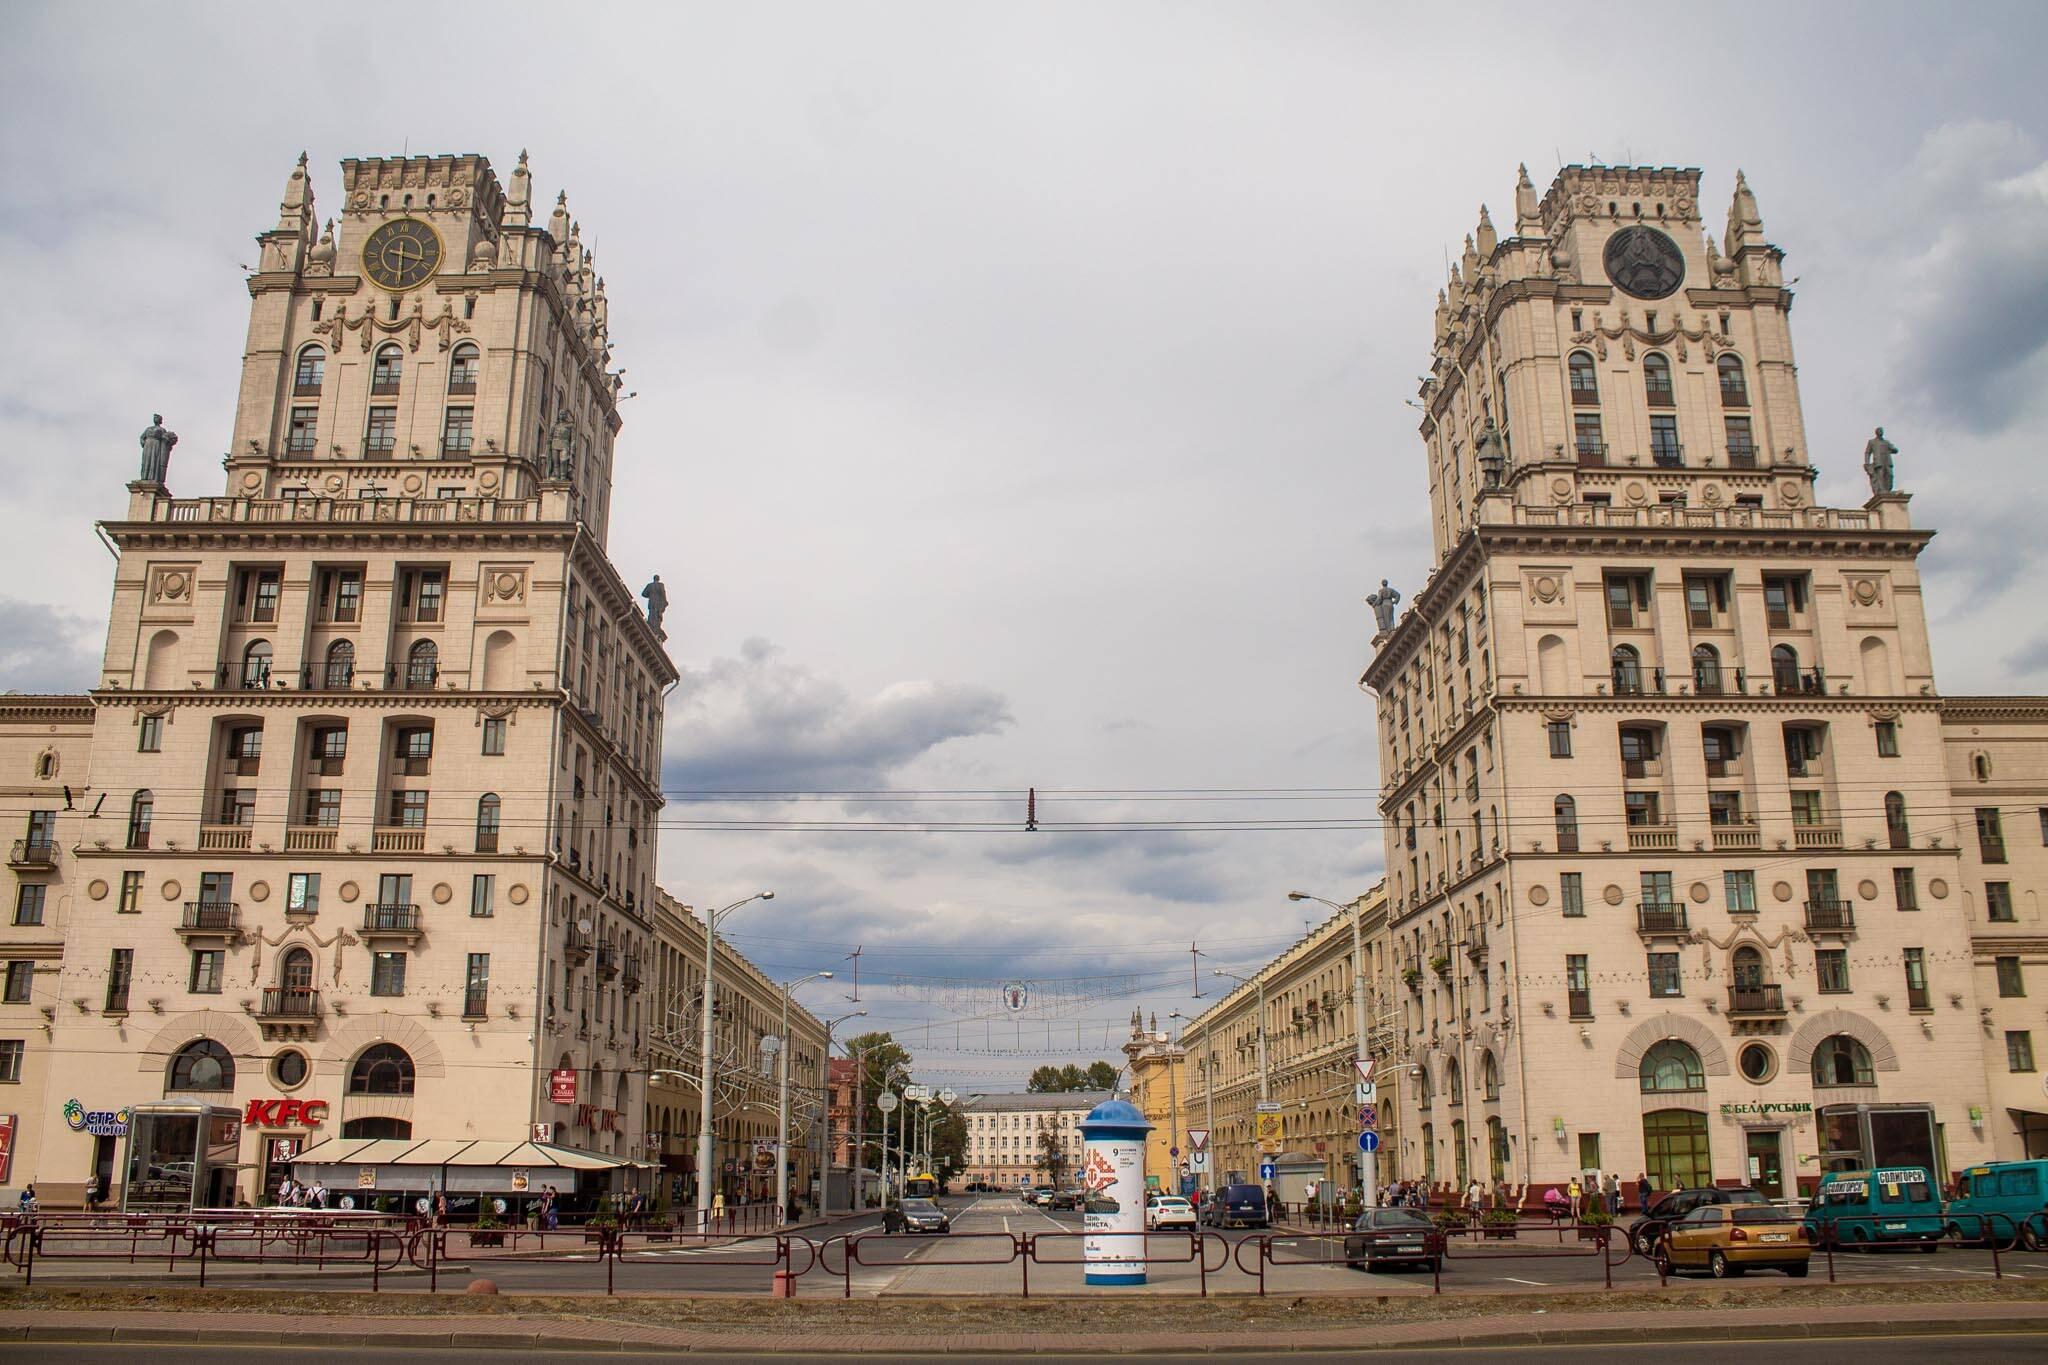 Os portões da cidade de Minsk, Bielorússia | Foto: Bruno/@naproadavida - Seguro Viagem para a Bielorrússia